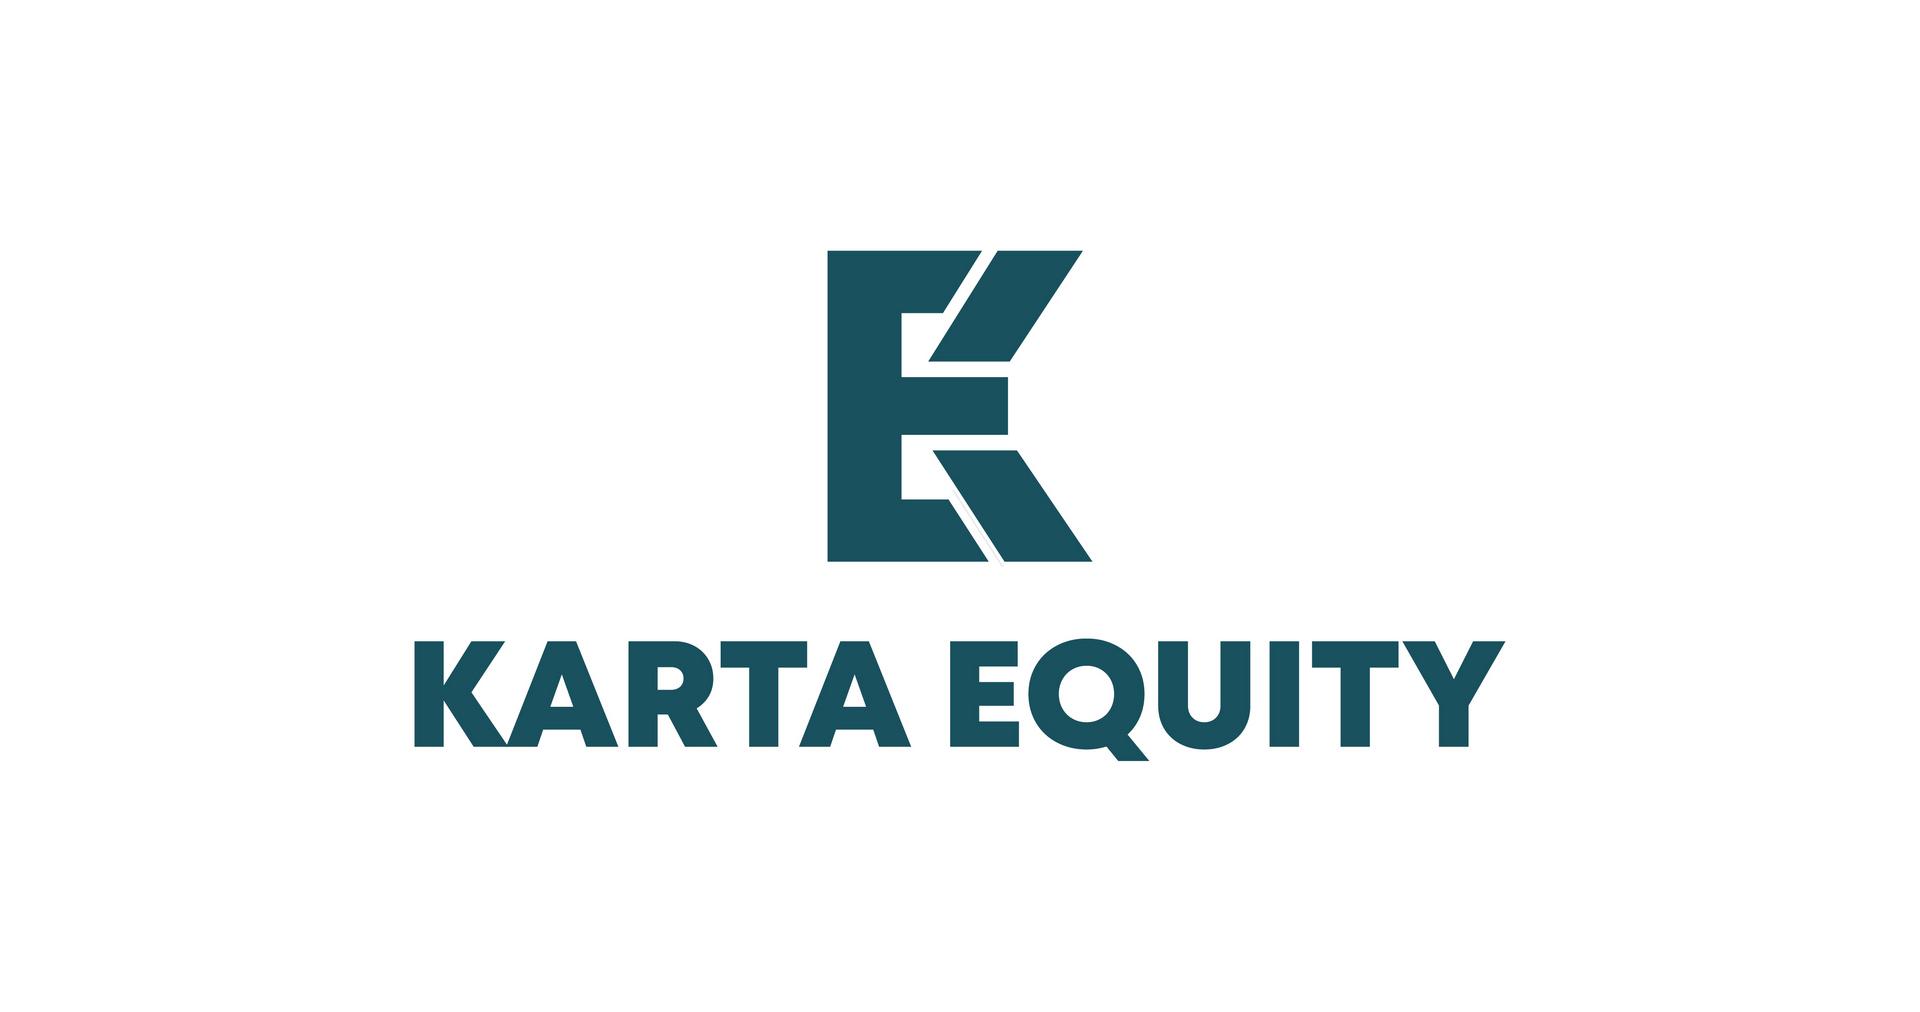 Логотип для компании инвестироваюшей в жилую недвижимость фото f_3705e11bd2b838cd.jpg